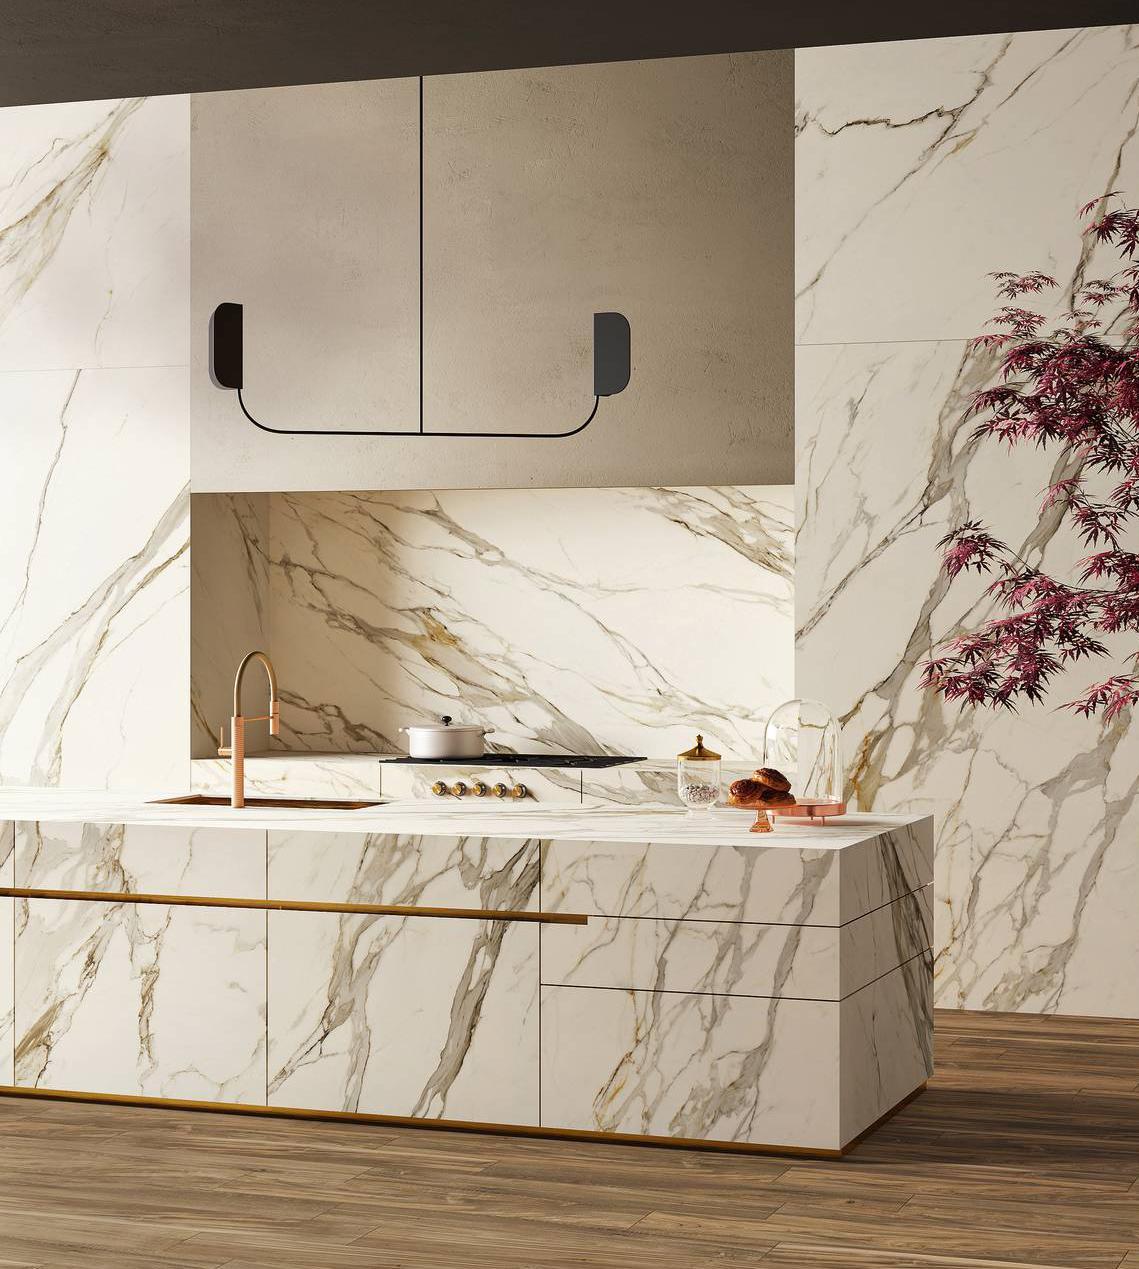 Gres Porcellanato Piastrelle Cucina piastrelle per la cucina, resistenti e decorative - cose di casa